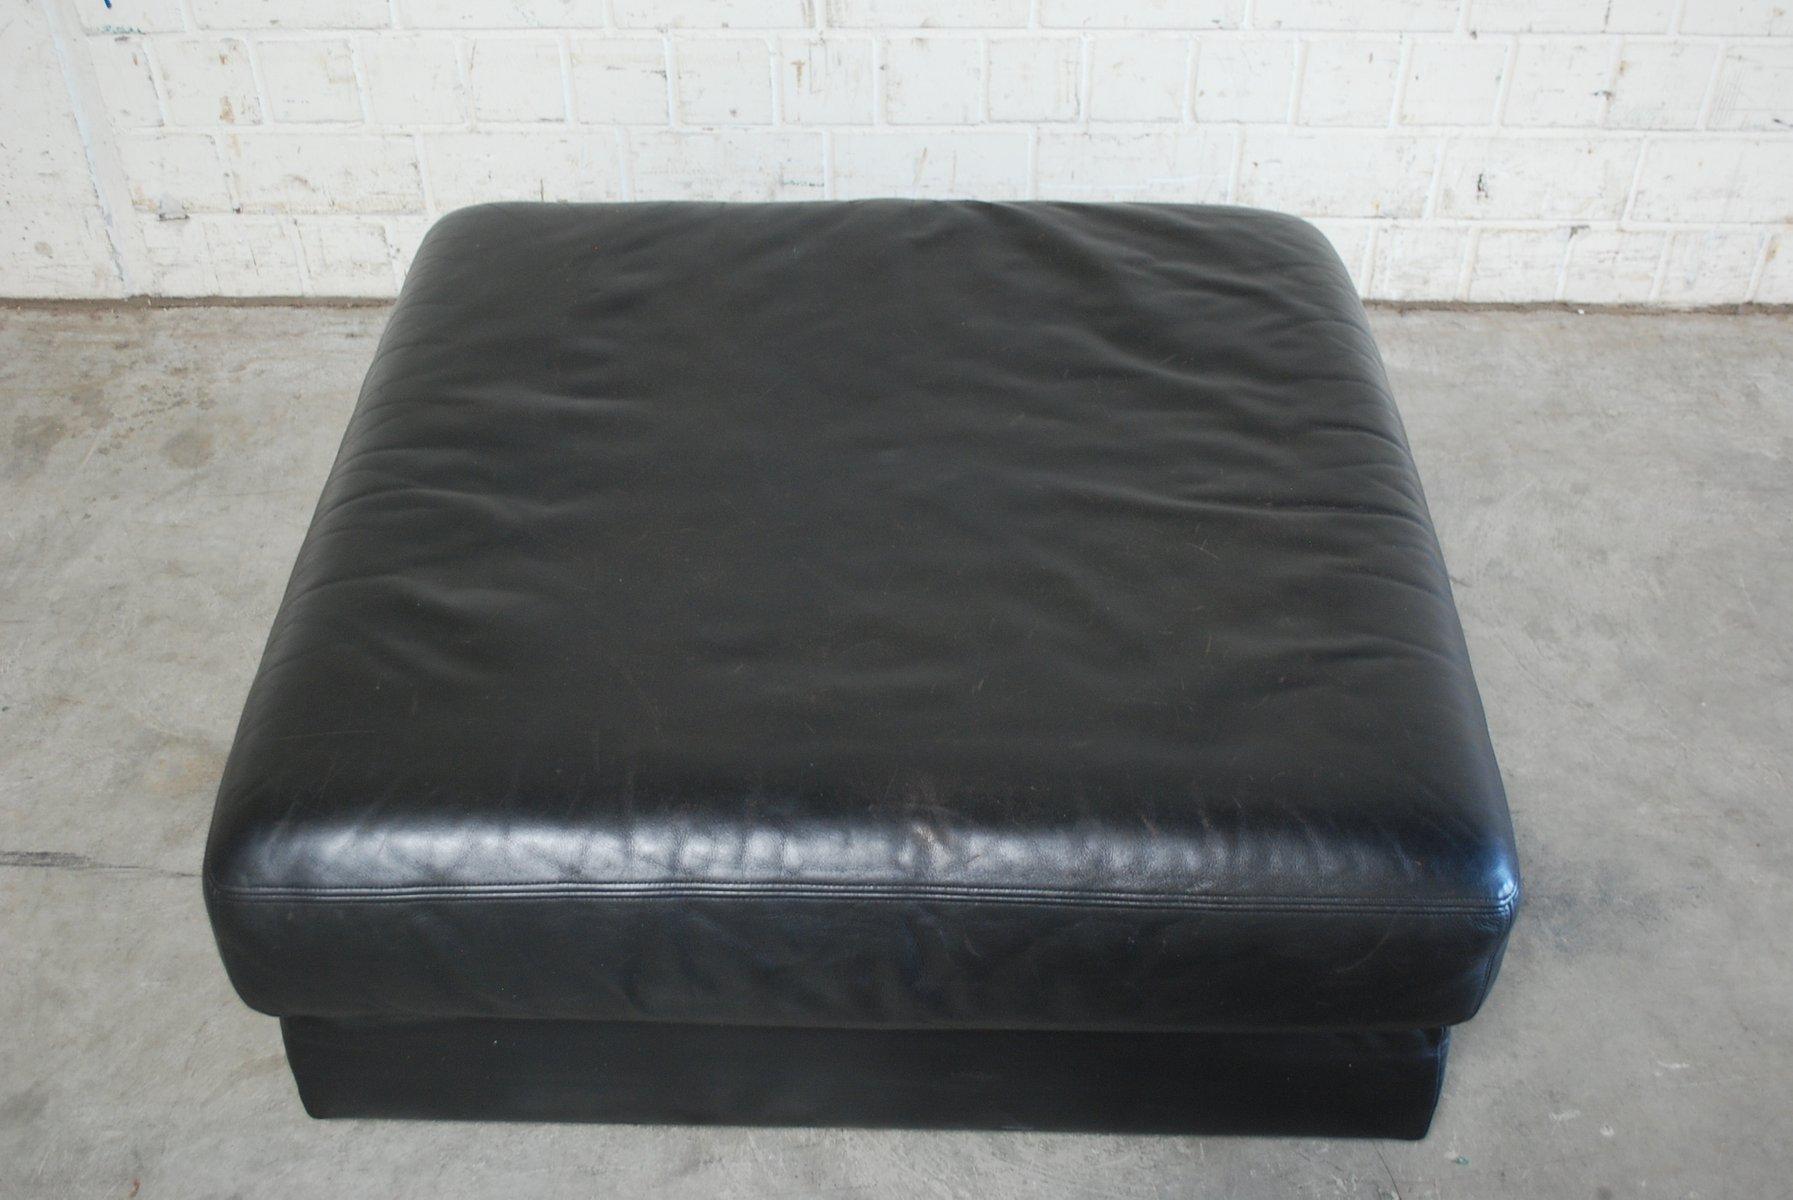 pouf ou divan ds 76 vintage cuir noir de de sede en vente. Black Bedroom Furniture Sets. Home Design Ideas